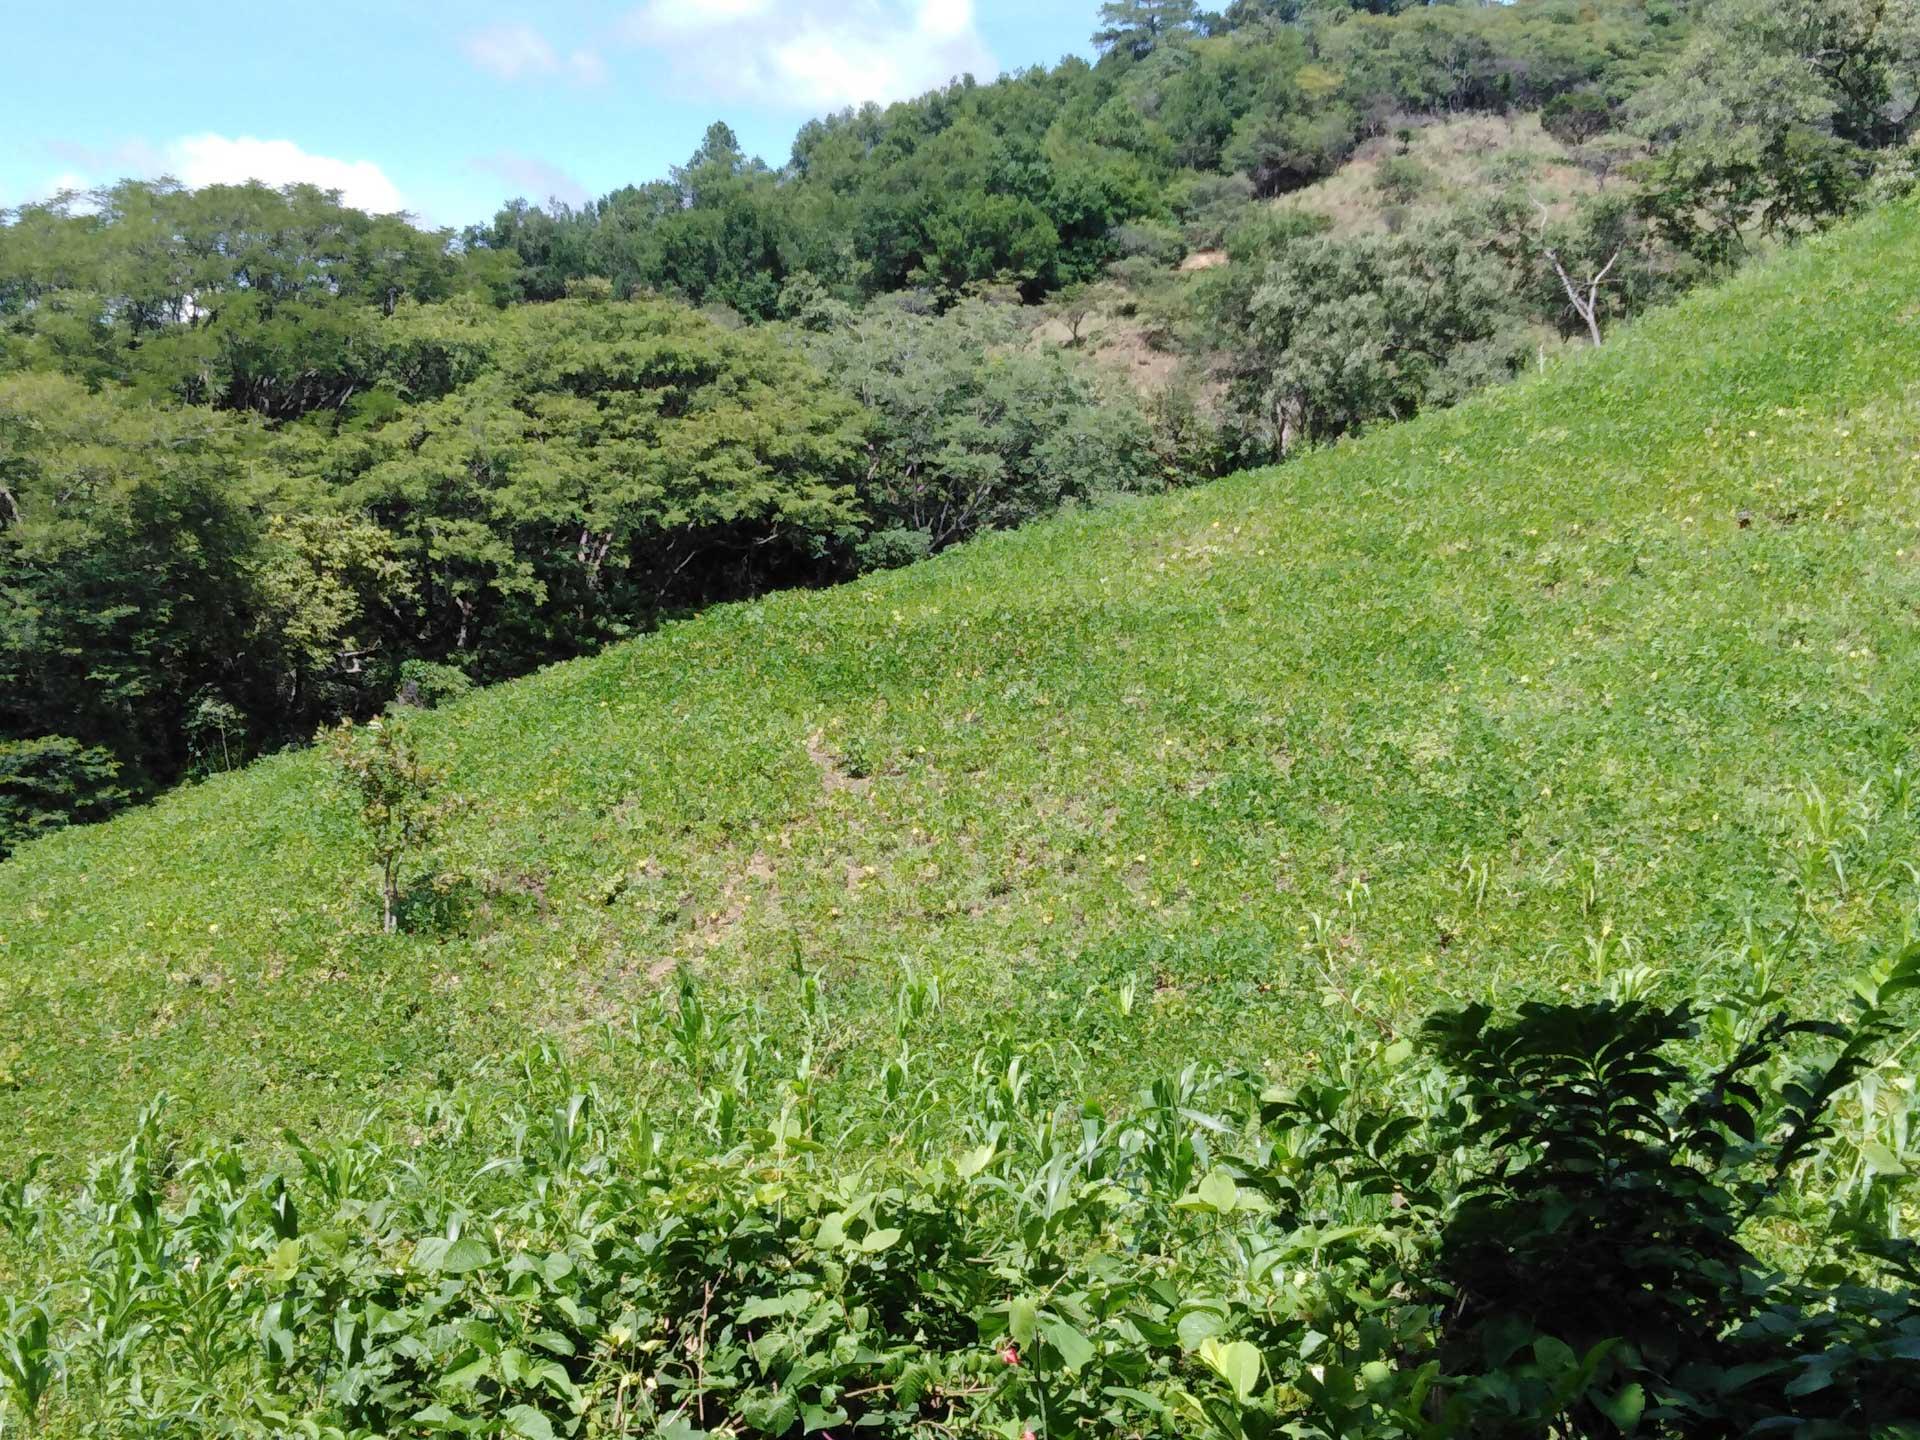 El frijol es uno de los principales cultivos en el municipio de San Nicolás.